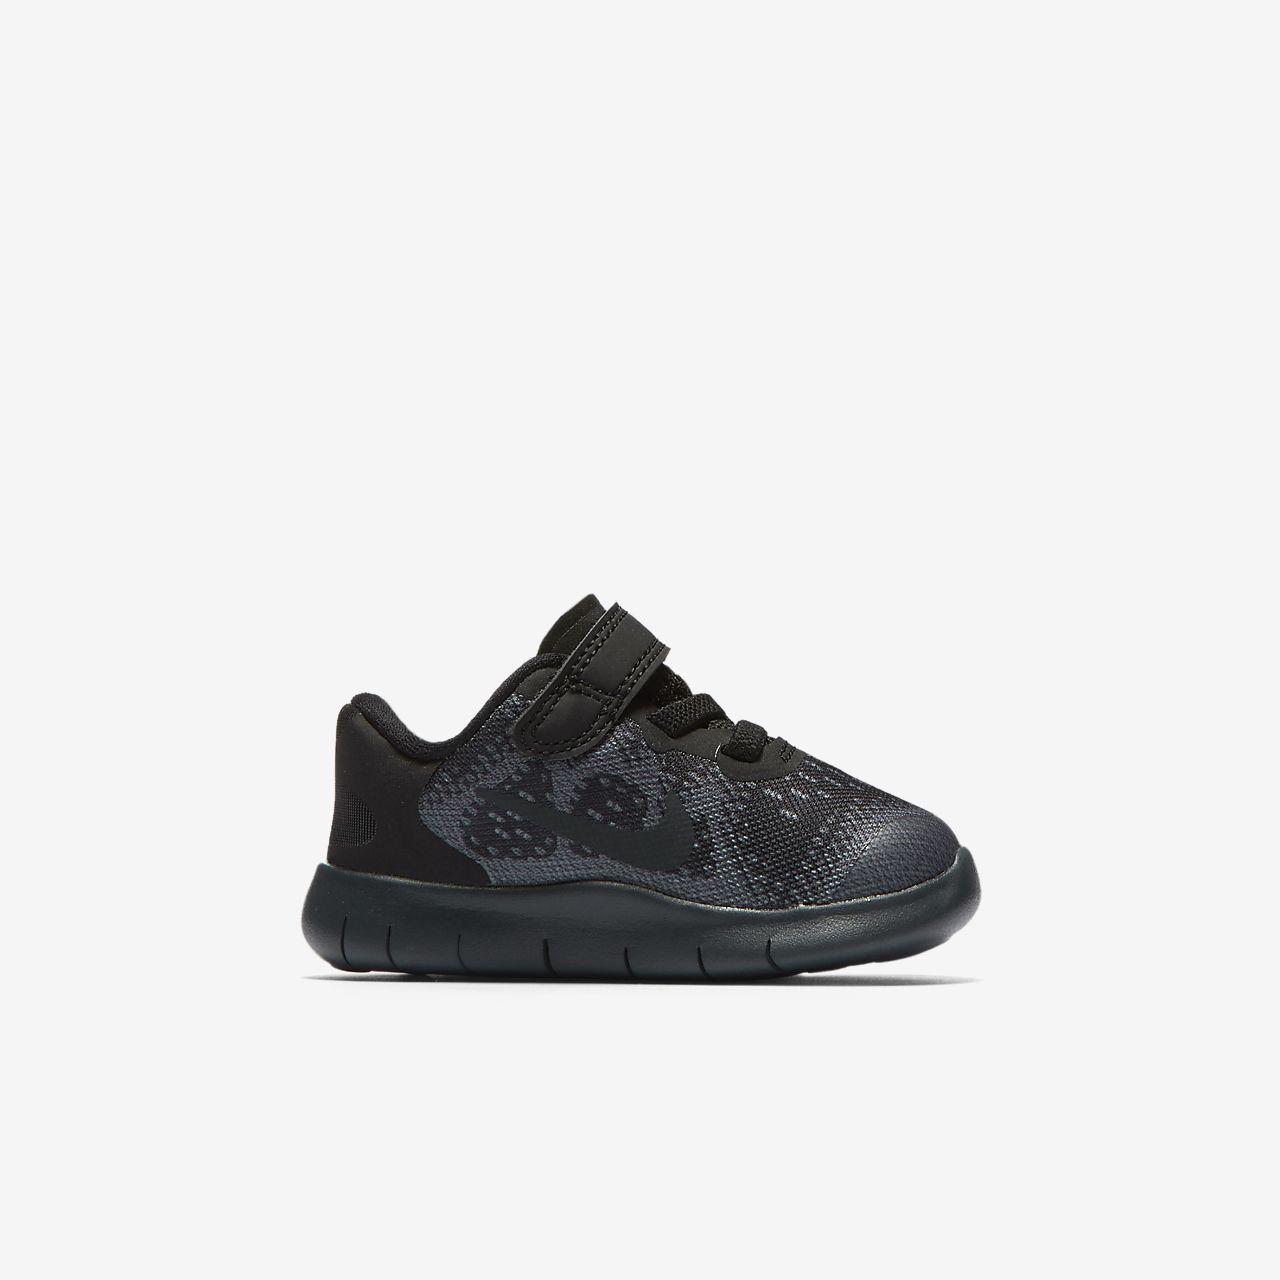 ... Nike Free RN 2017 Toddler Shoe